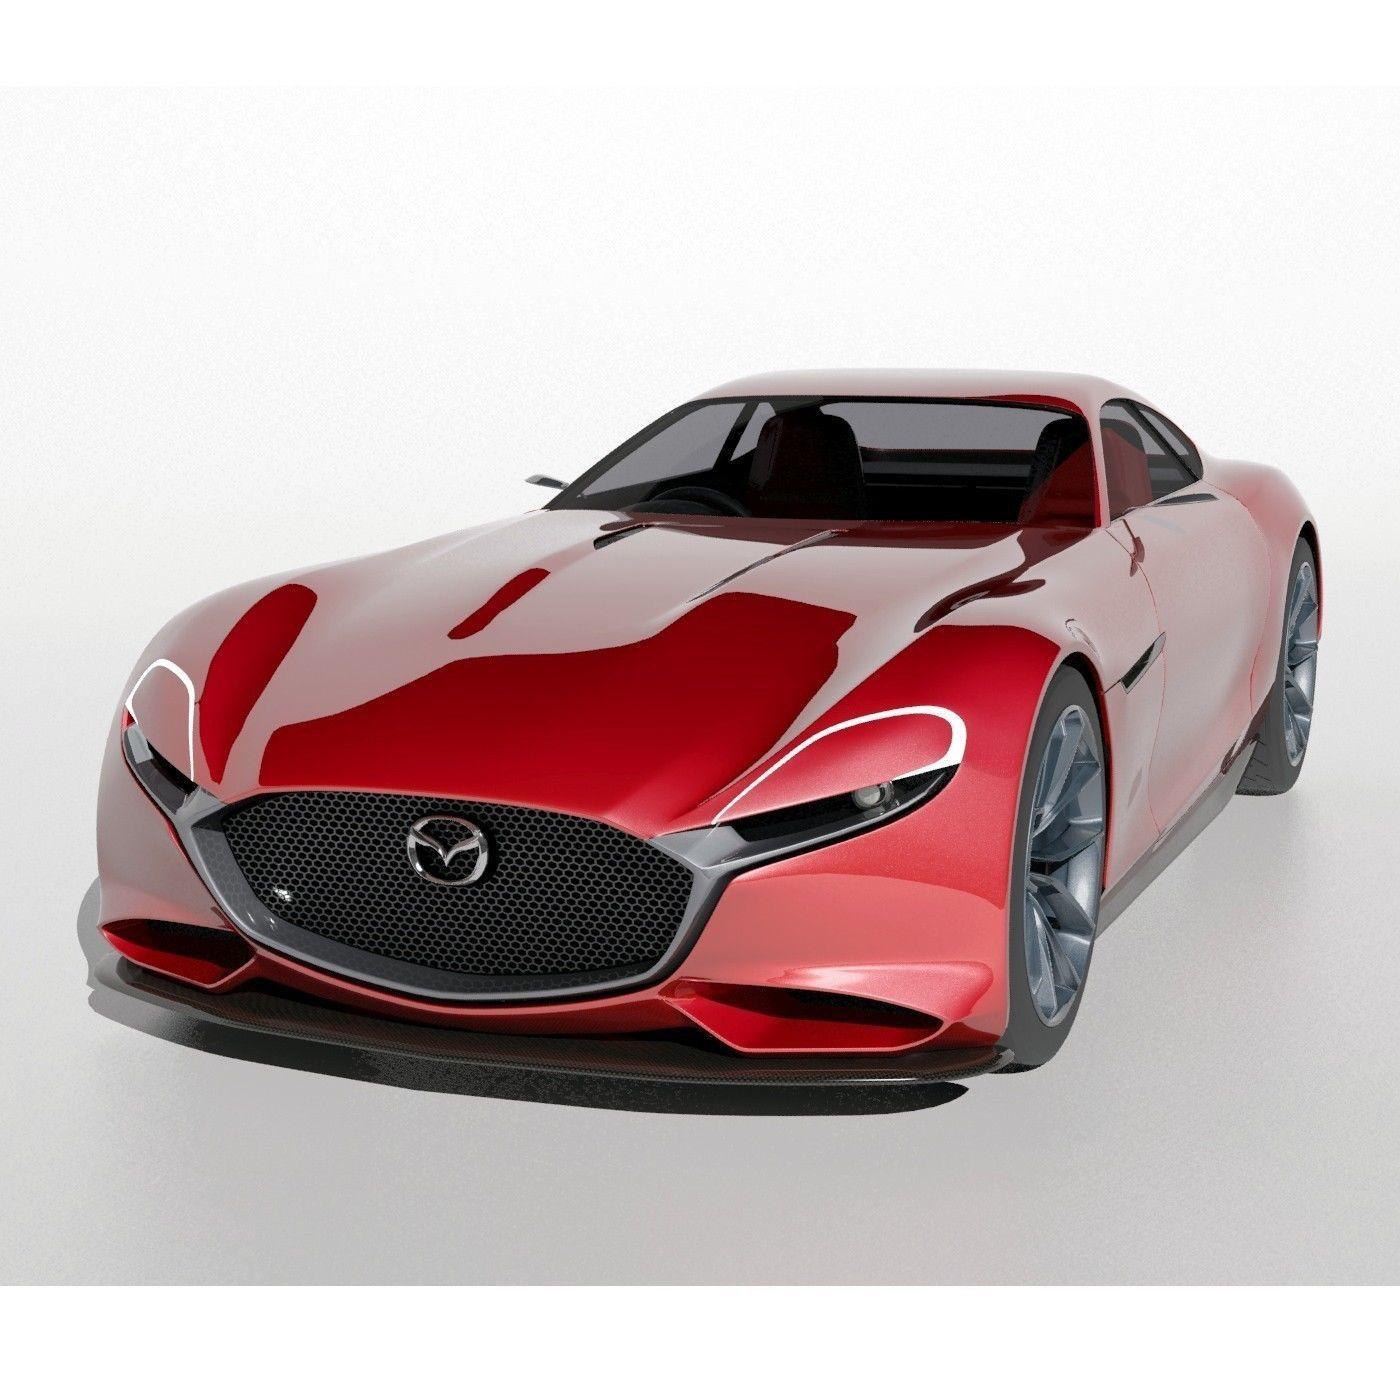 Mazda Vision RX Concept Car 3D Model MAX OBJ FBX